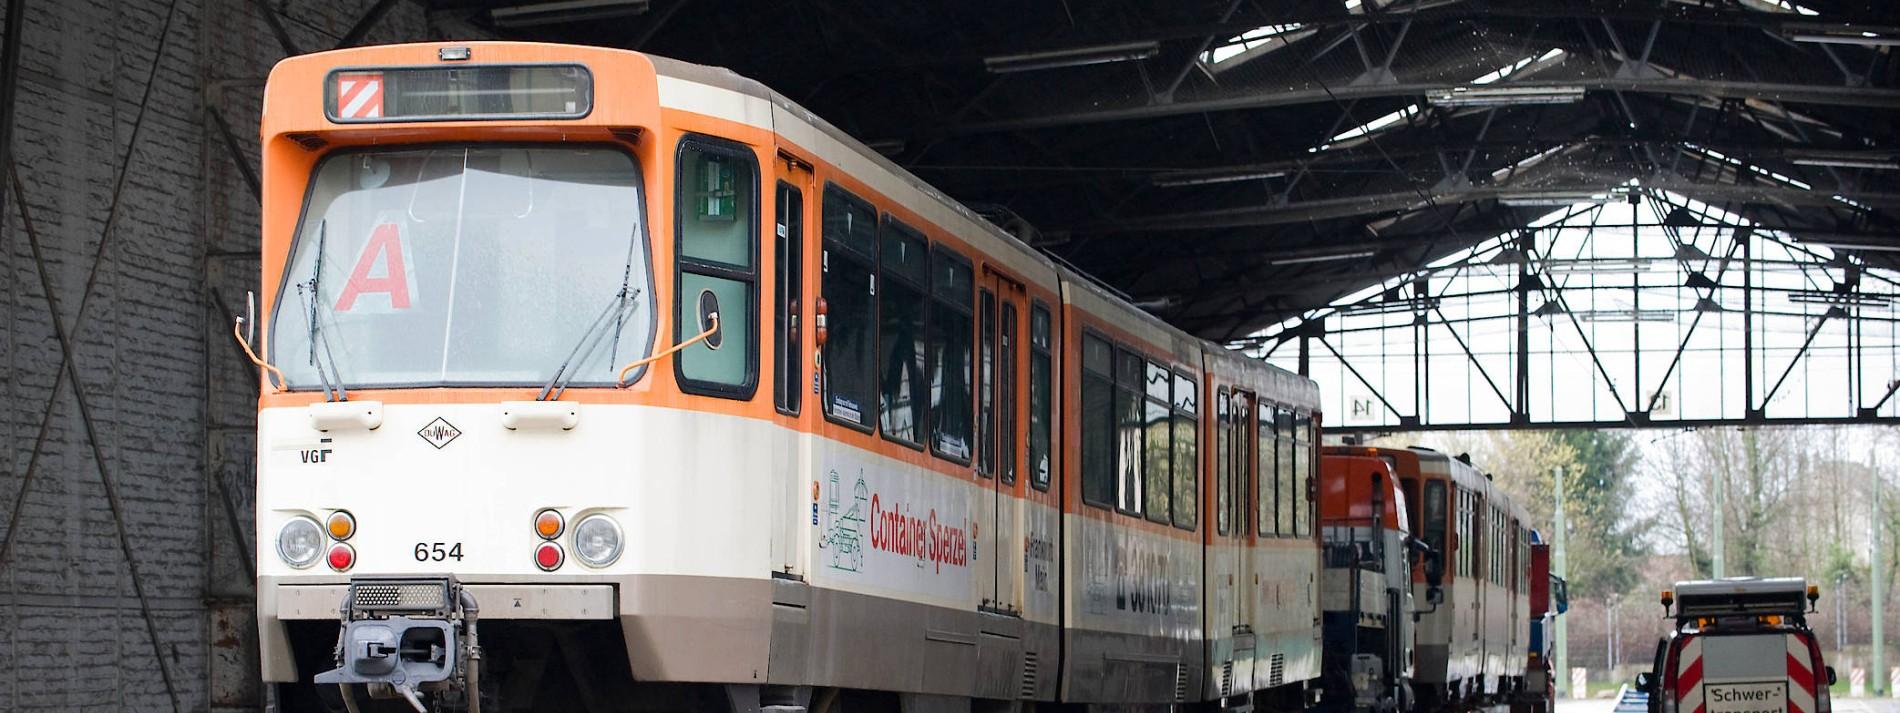 Große Pläne für Tram-Depot